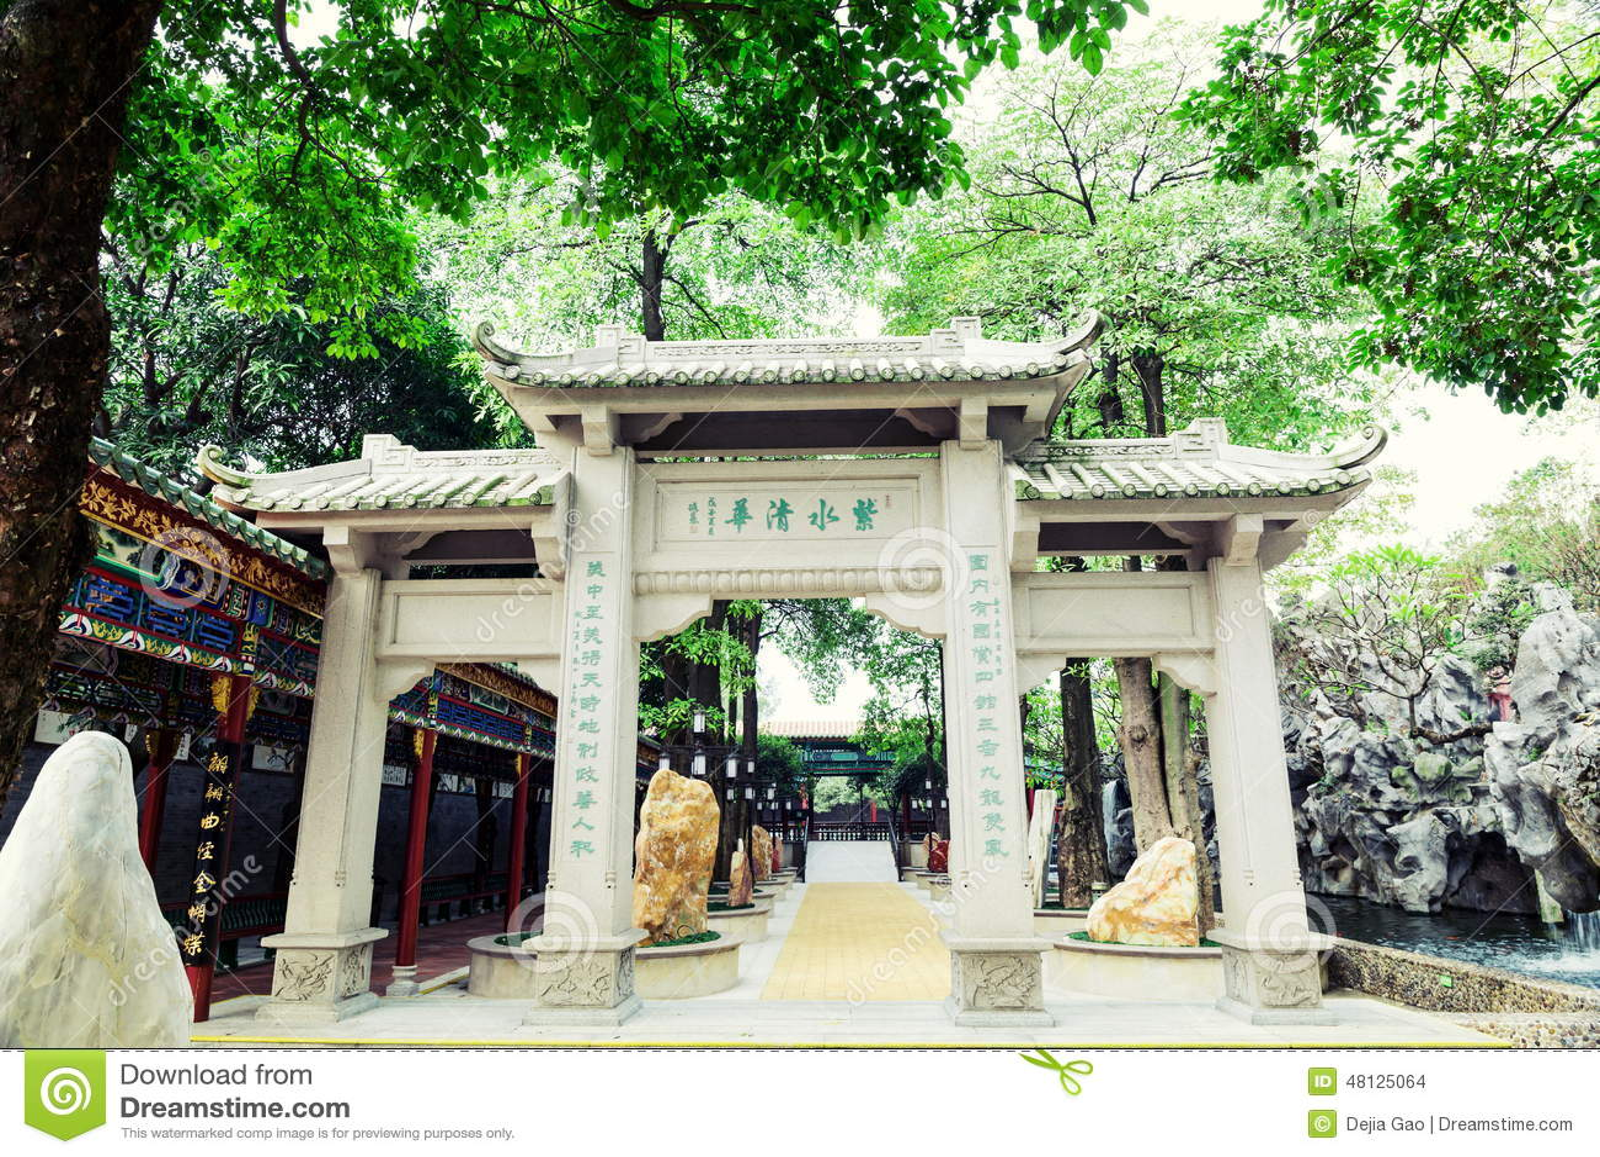 Erinnerungstorbogen des traditionellen Chinesen im alten chinesischen Garten, nach Osten asiatische klassische Architektur in Chi